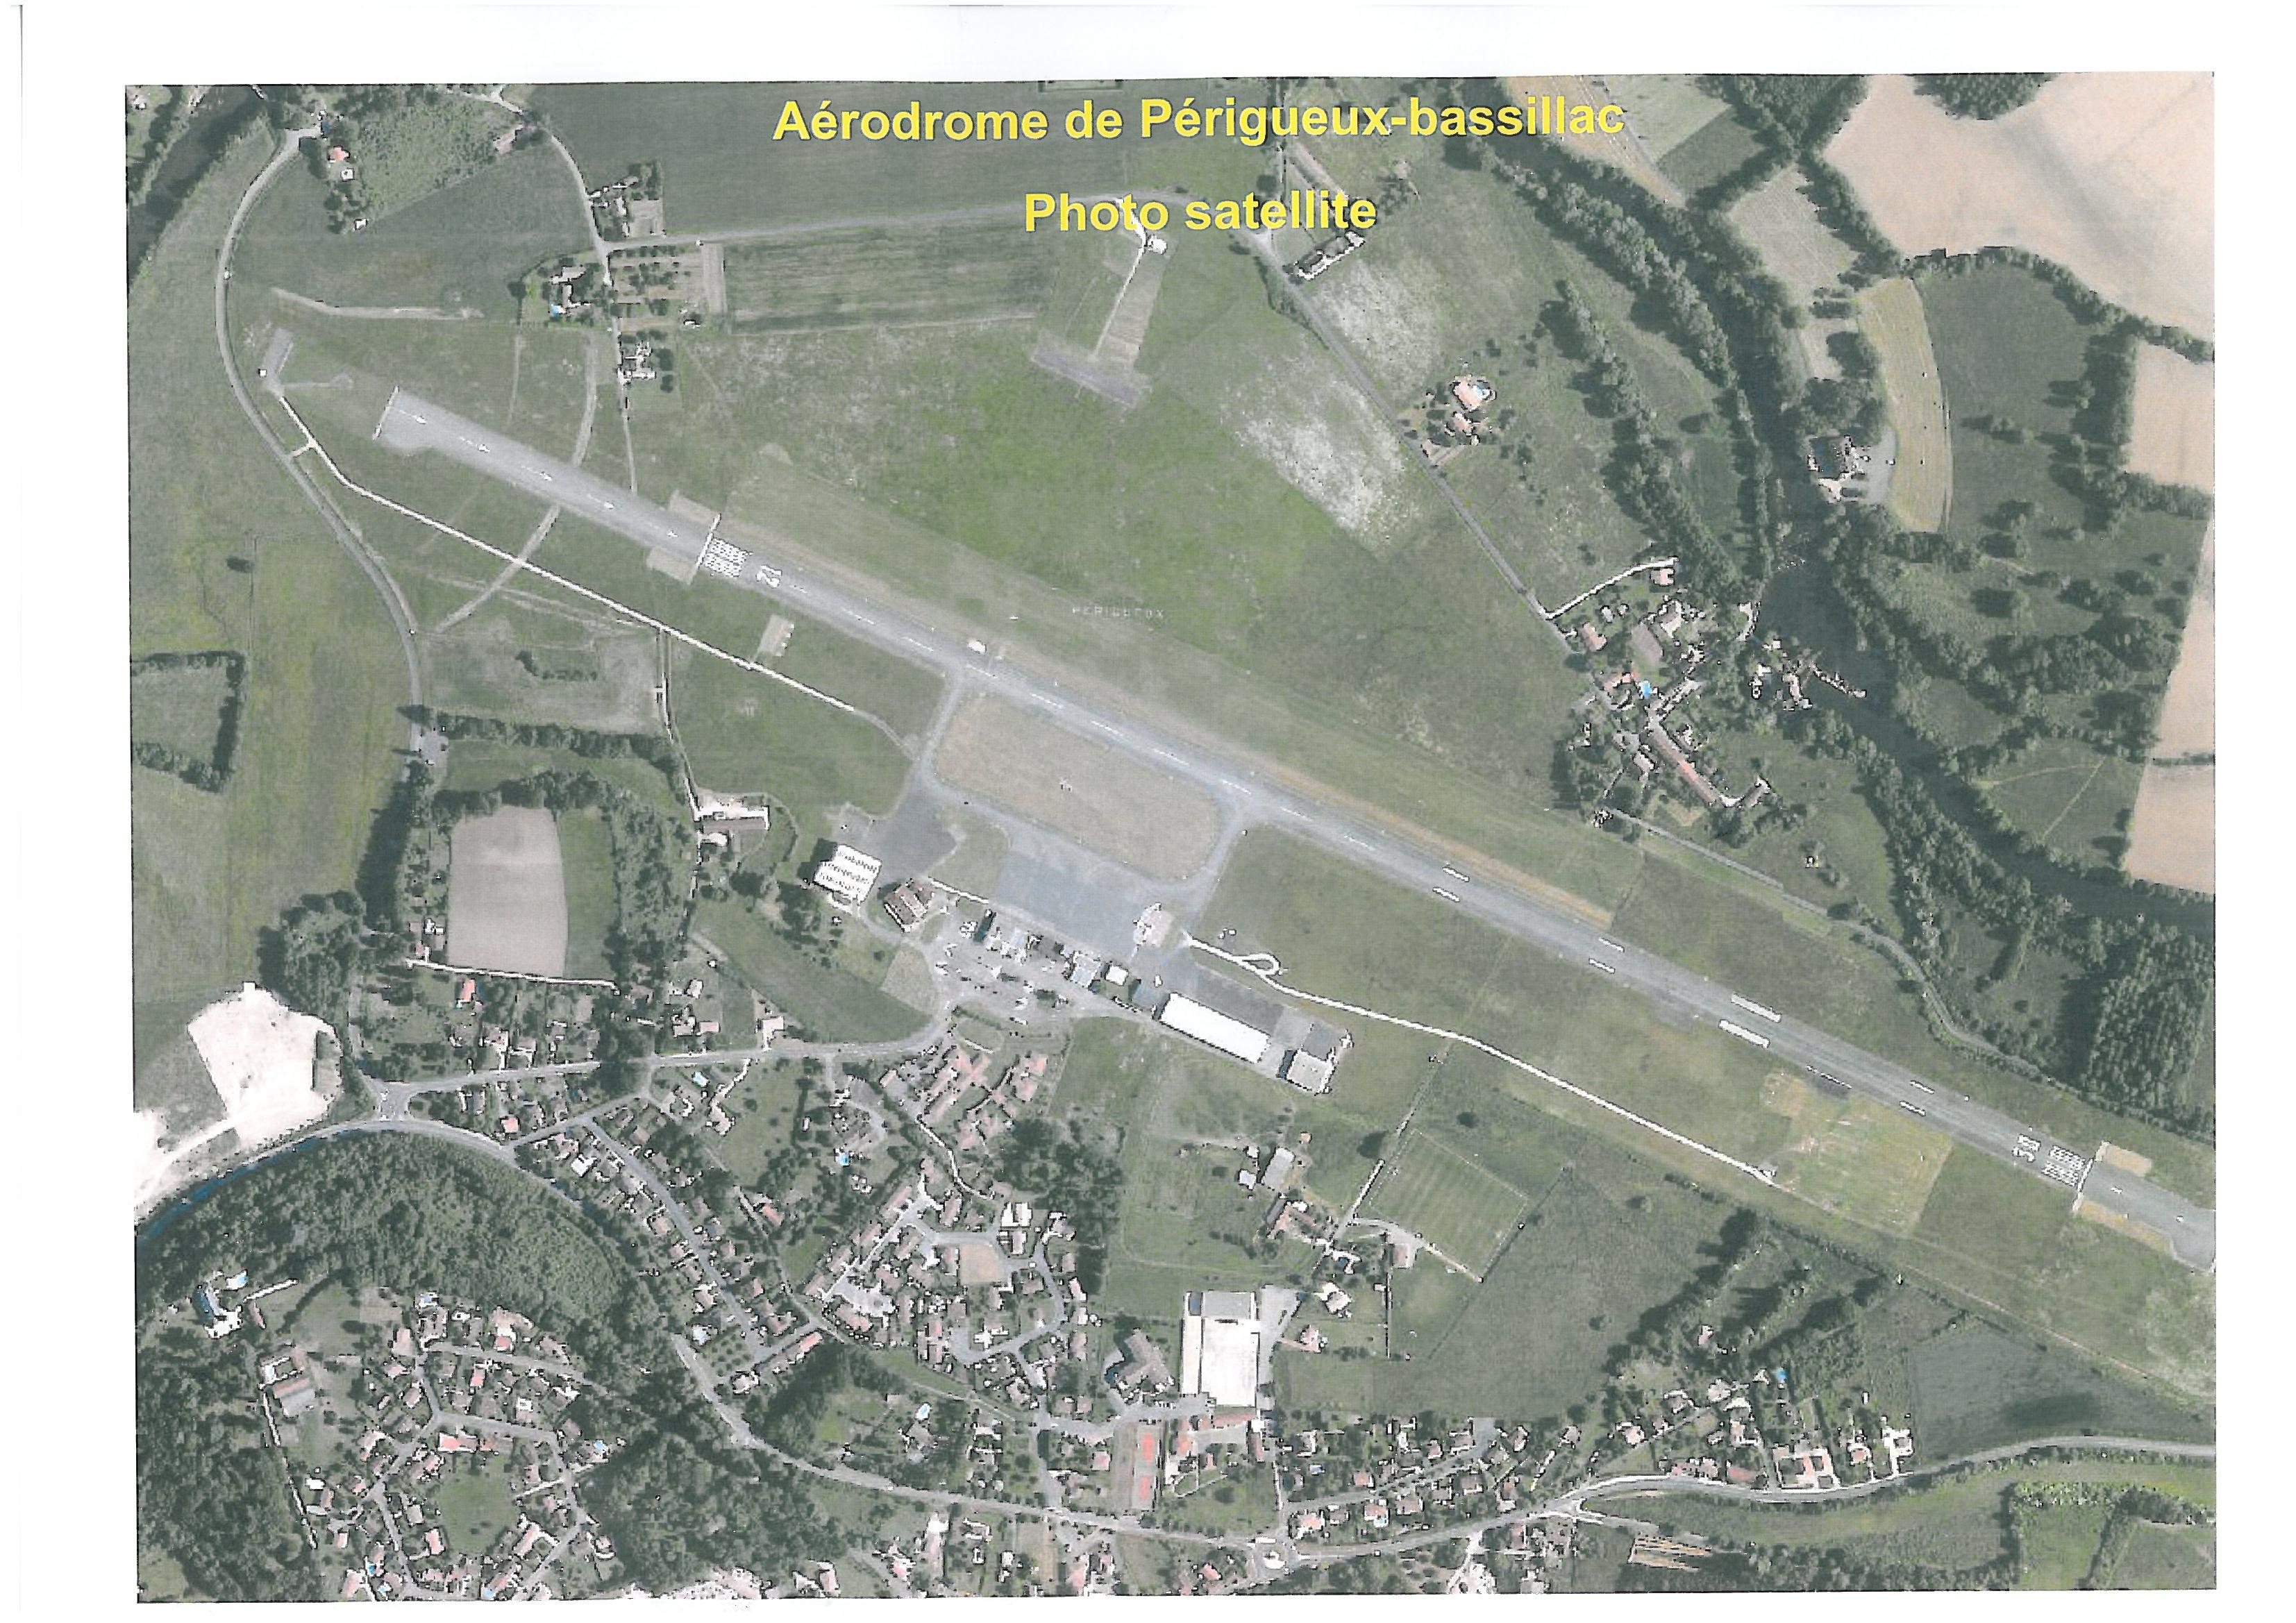 Photo-satellite aérodrome Périgueux